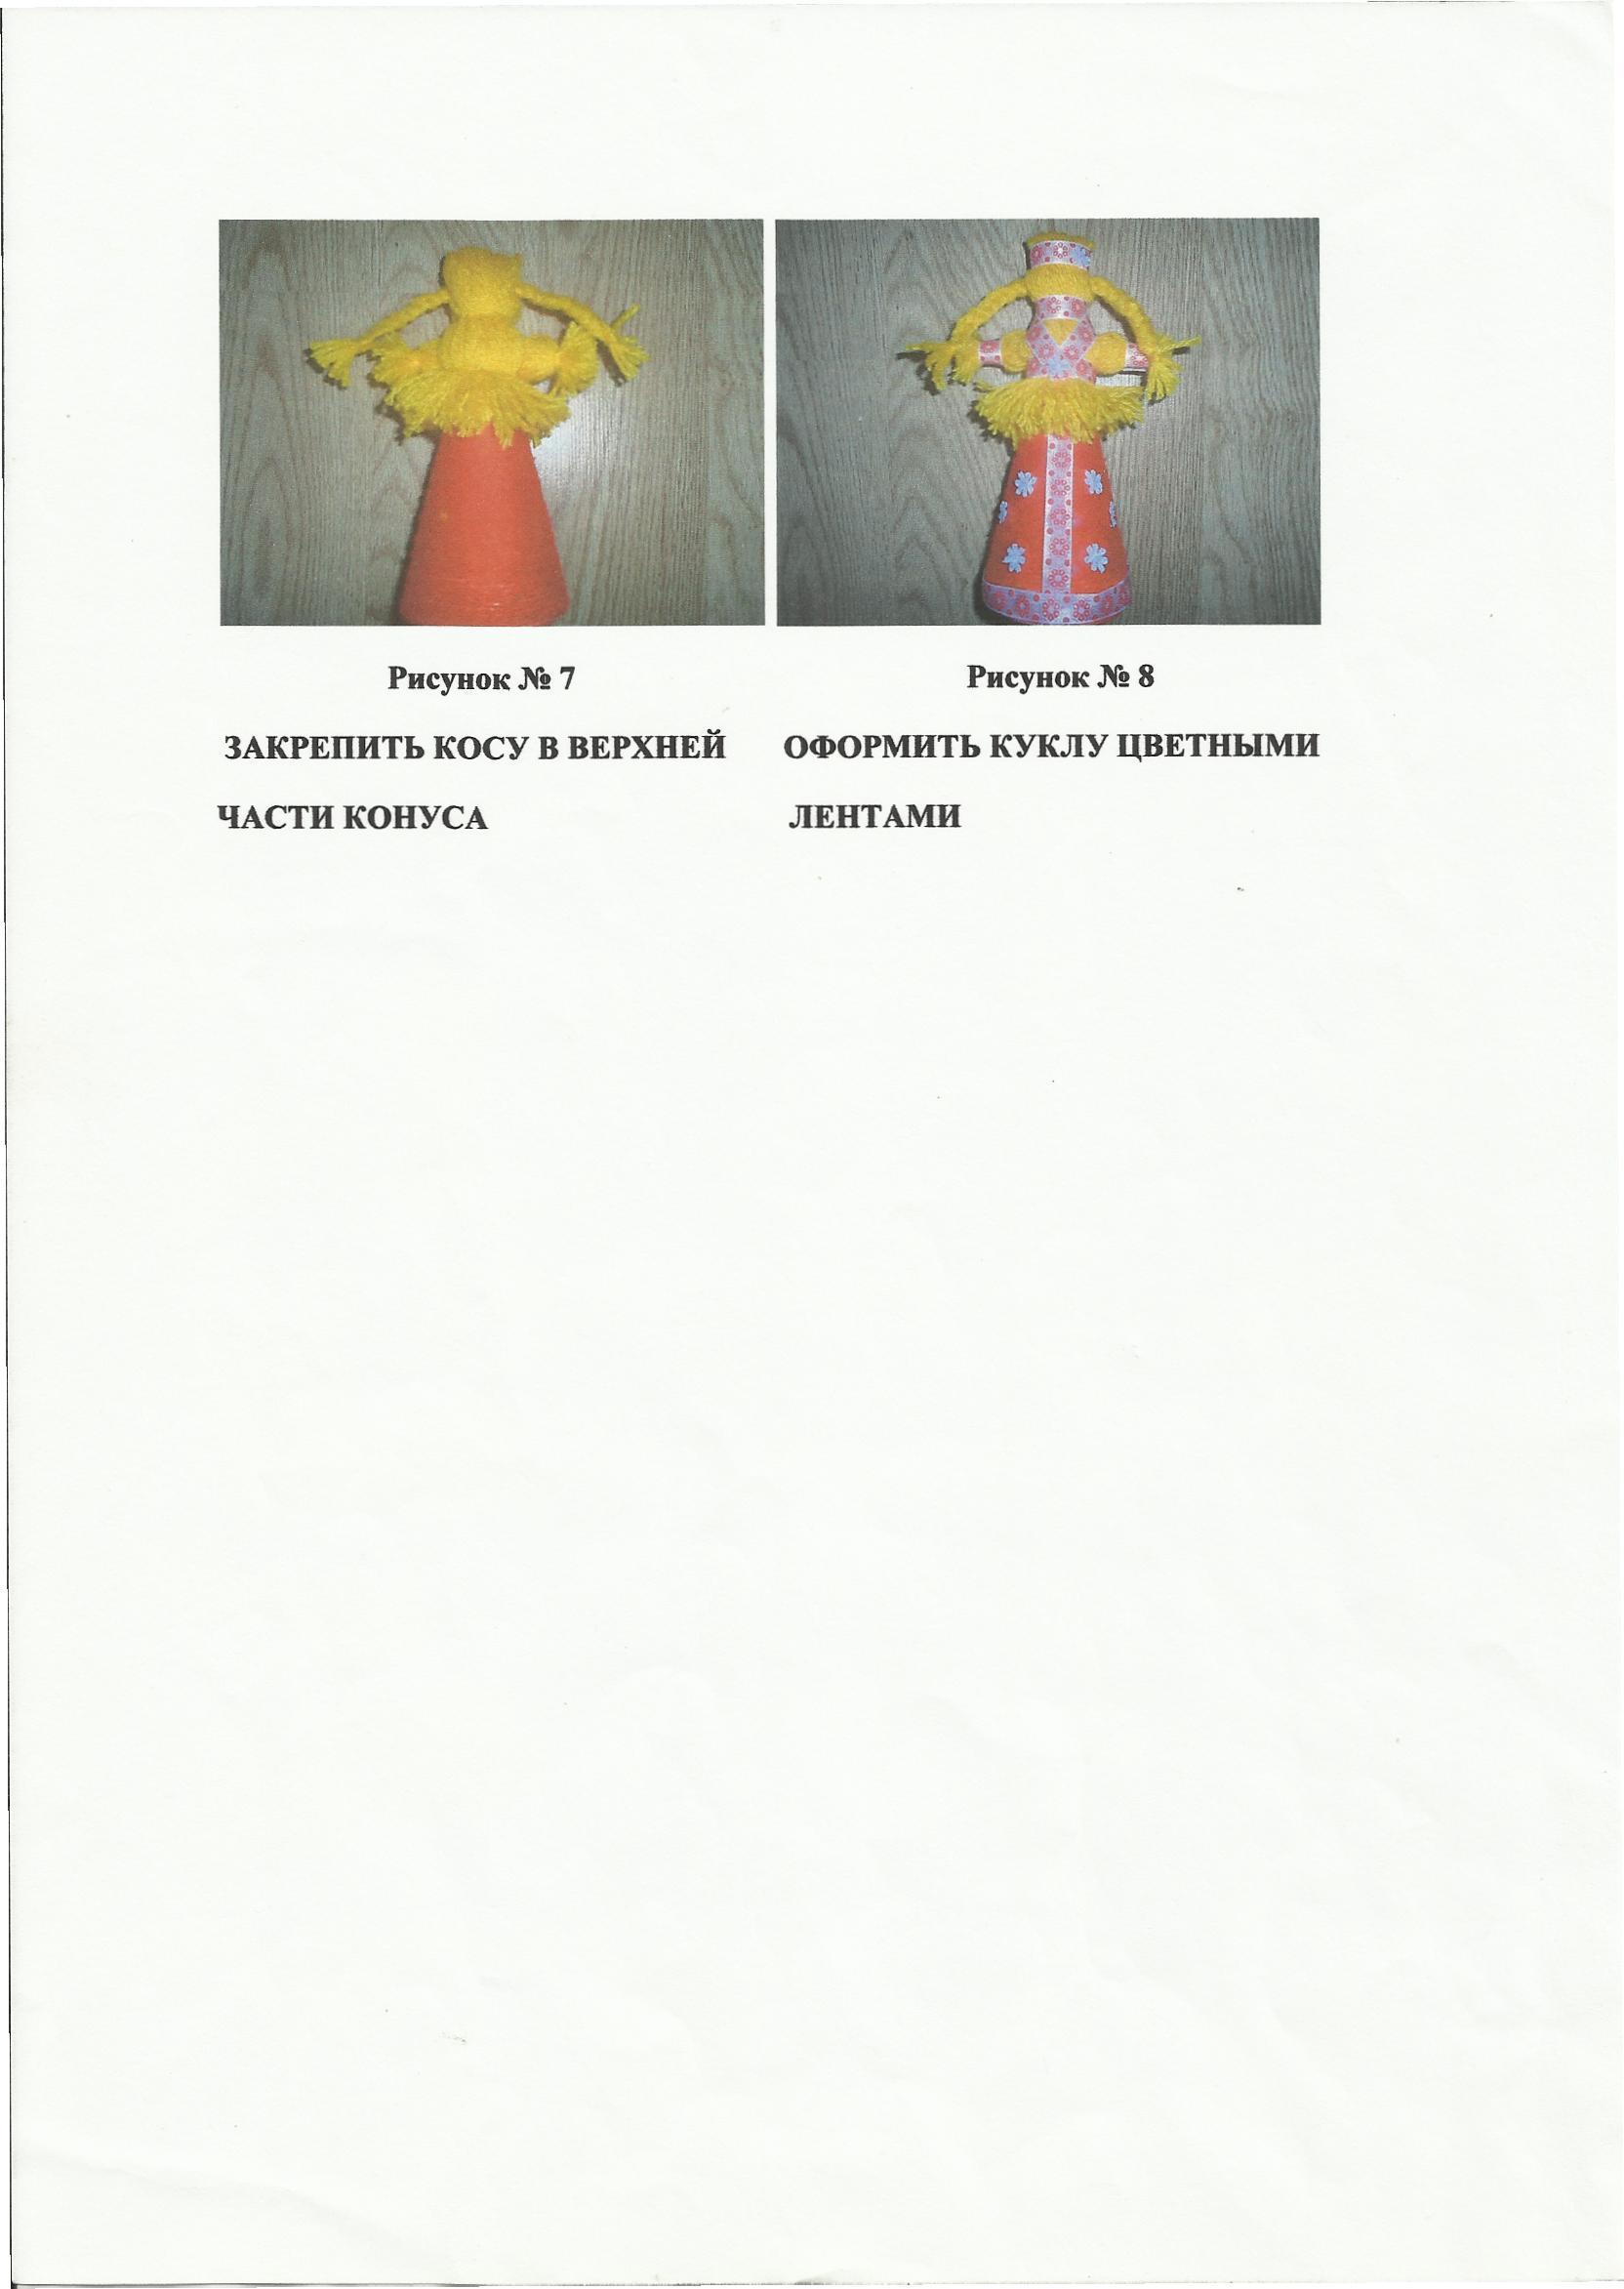 F:\Плетение куклы из ниток\2 лист.jpg